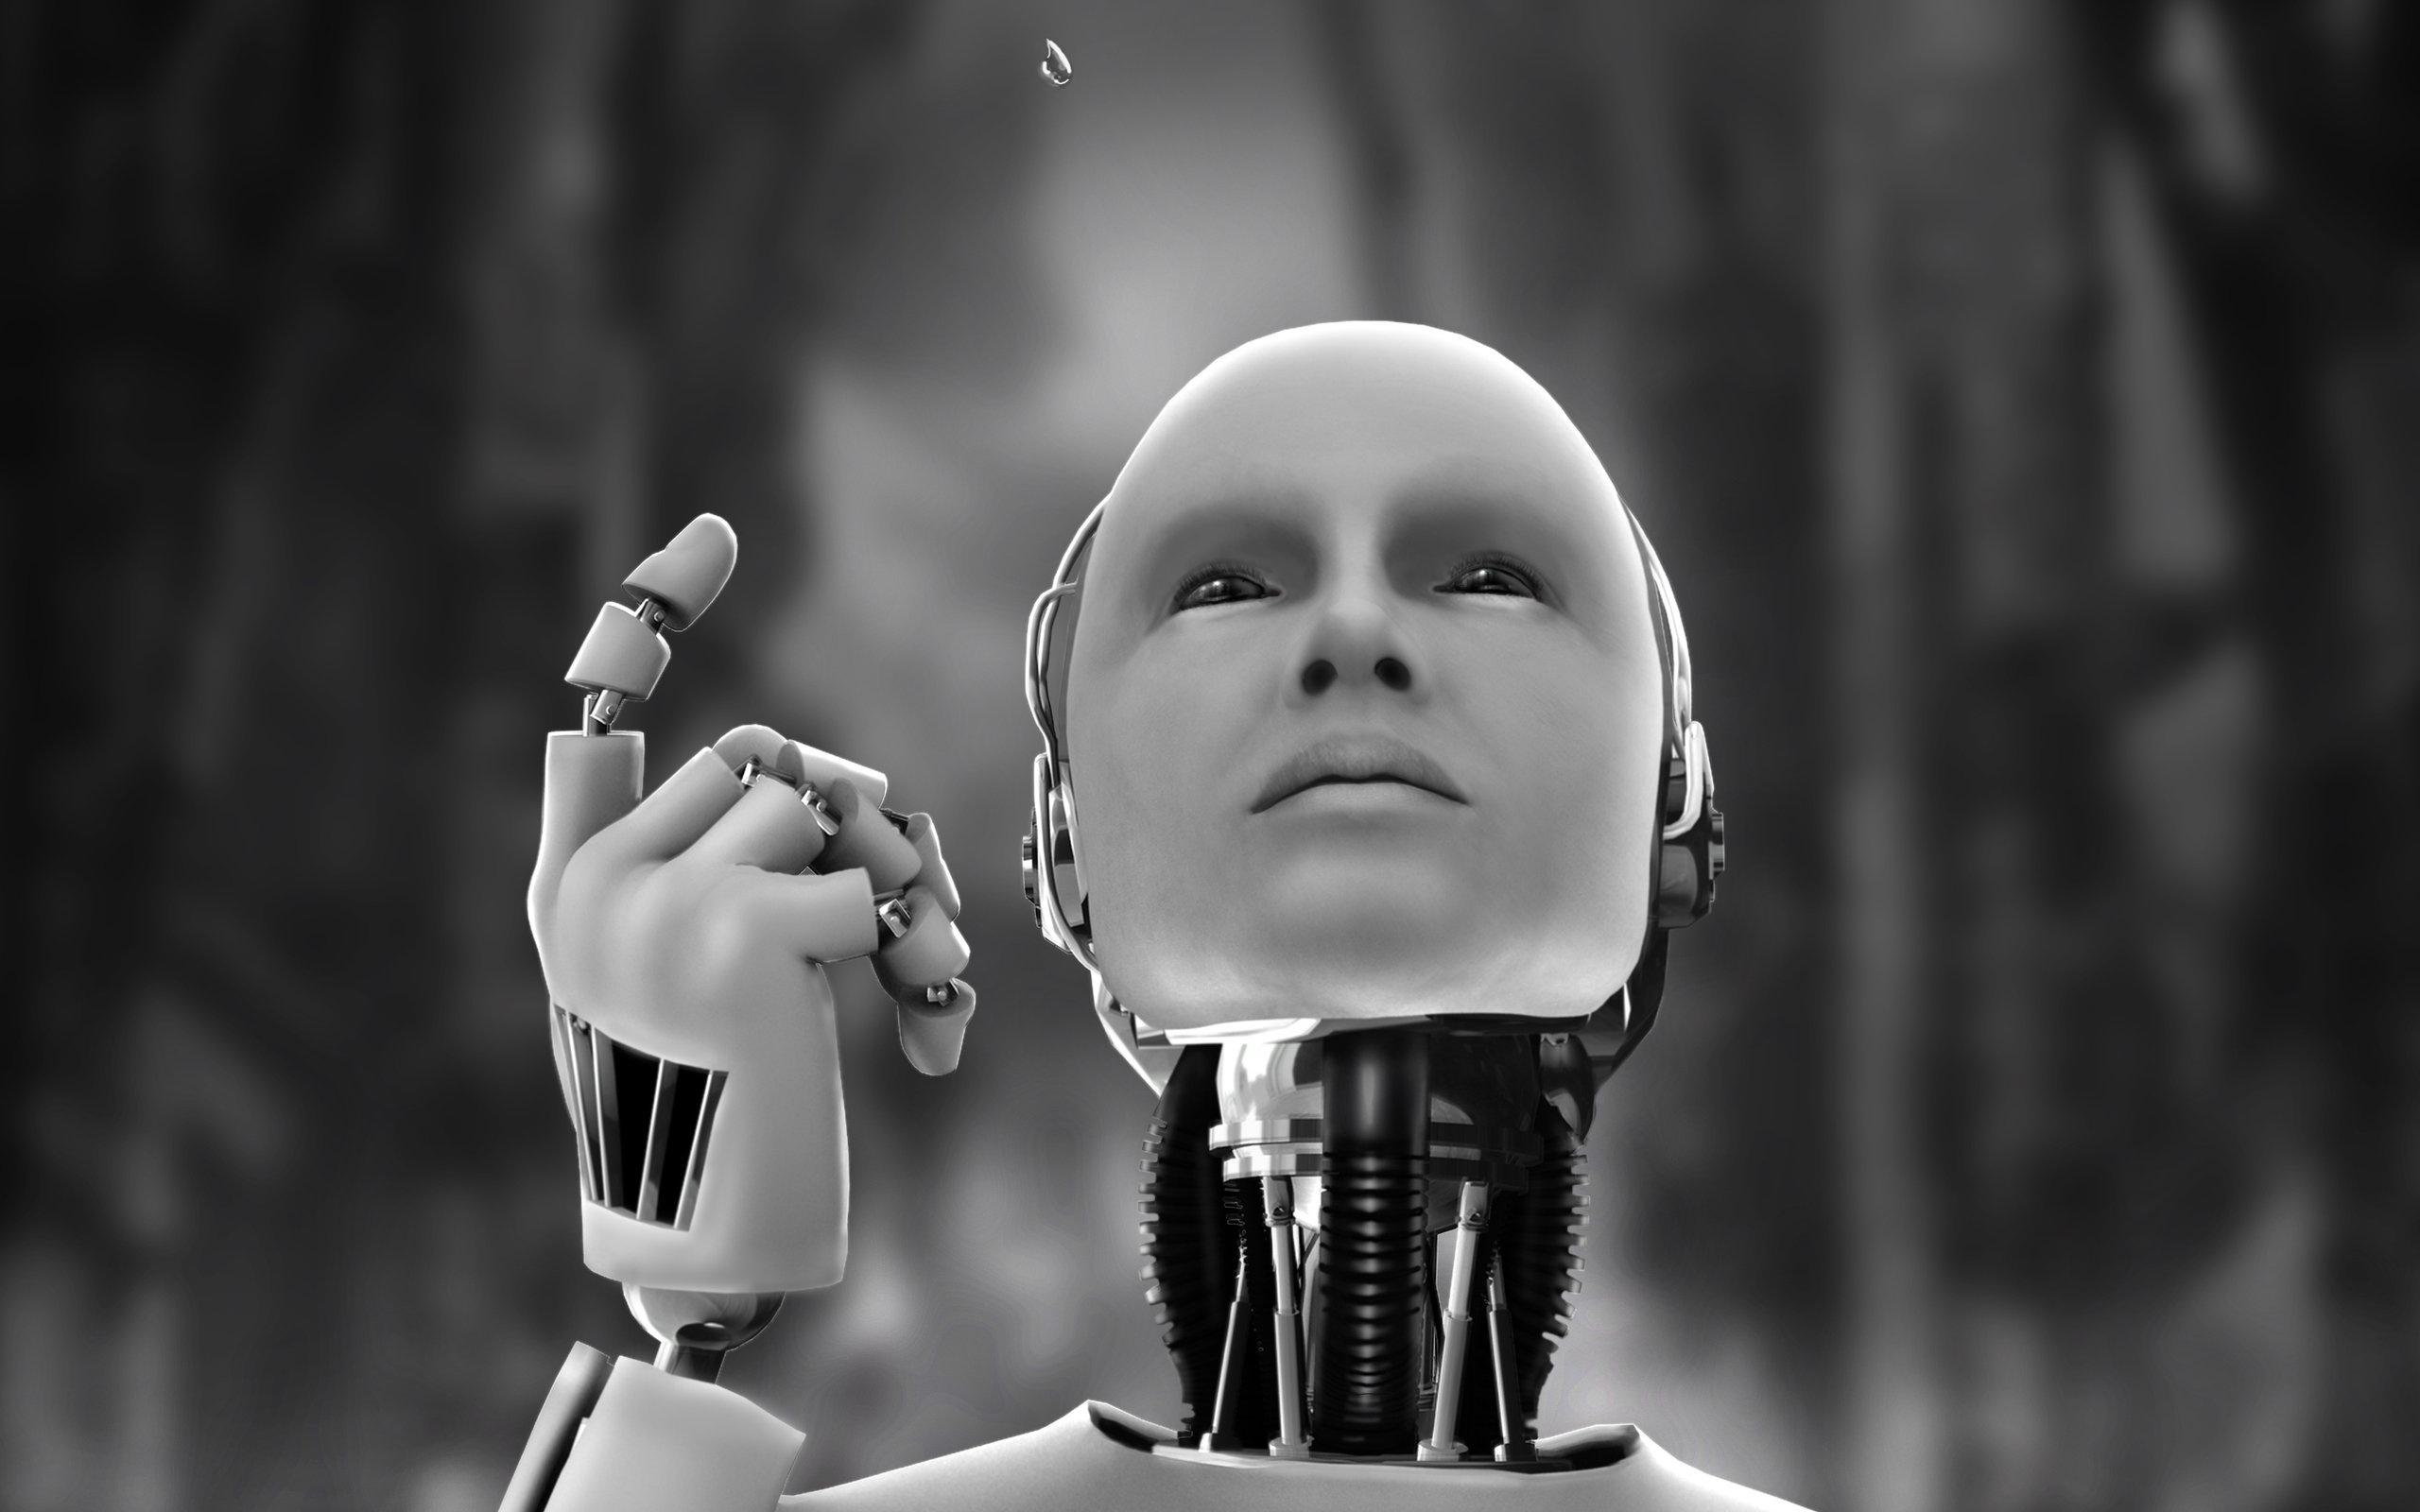 Resultado de imagen para robots wallpapers